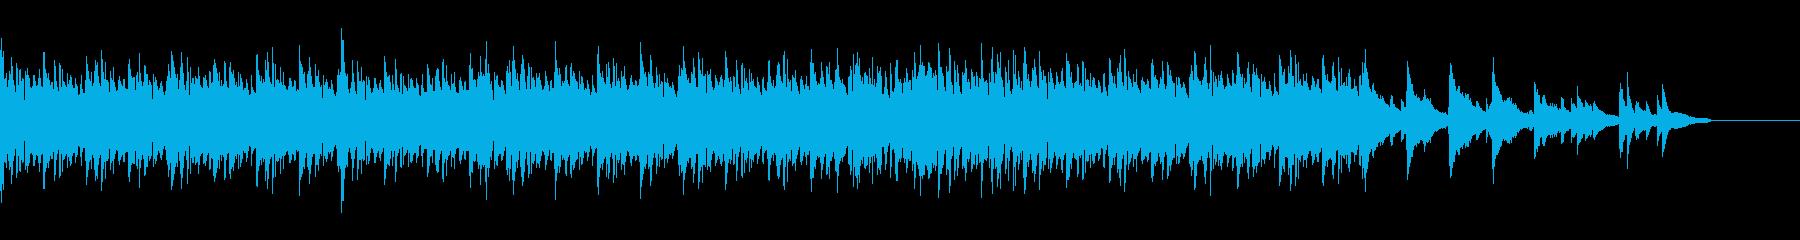 ジャズテイストで大人的、都会的の再生済みの波形